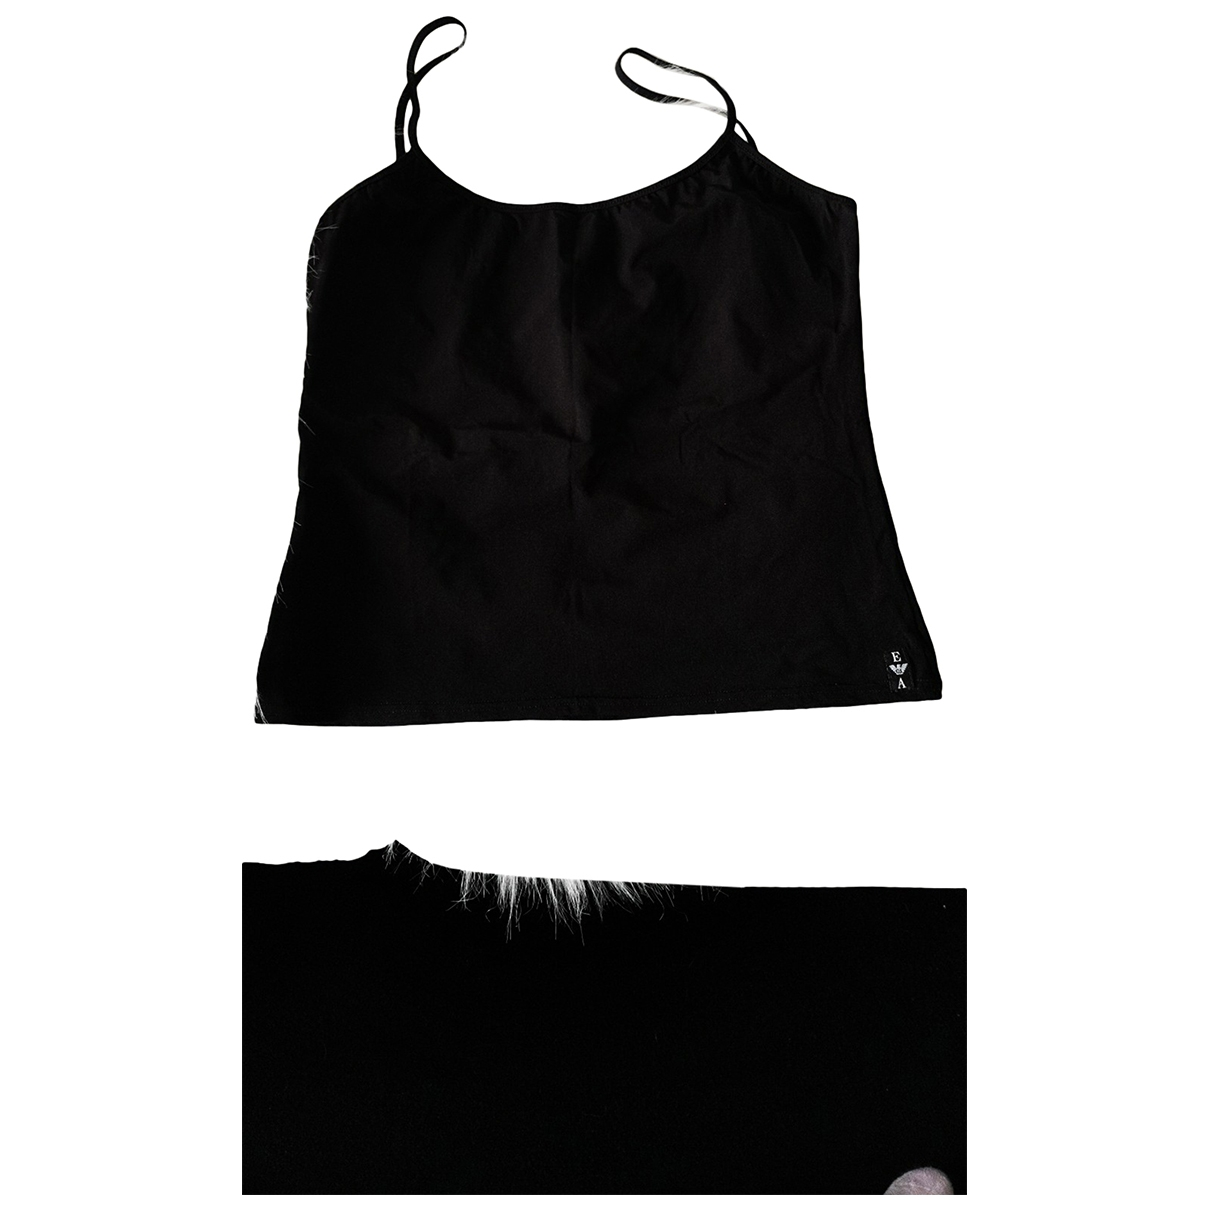 Emporio Armani - Top   pour femme - noir